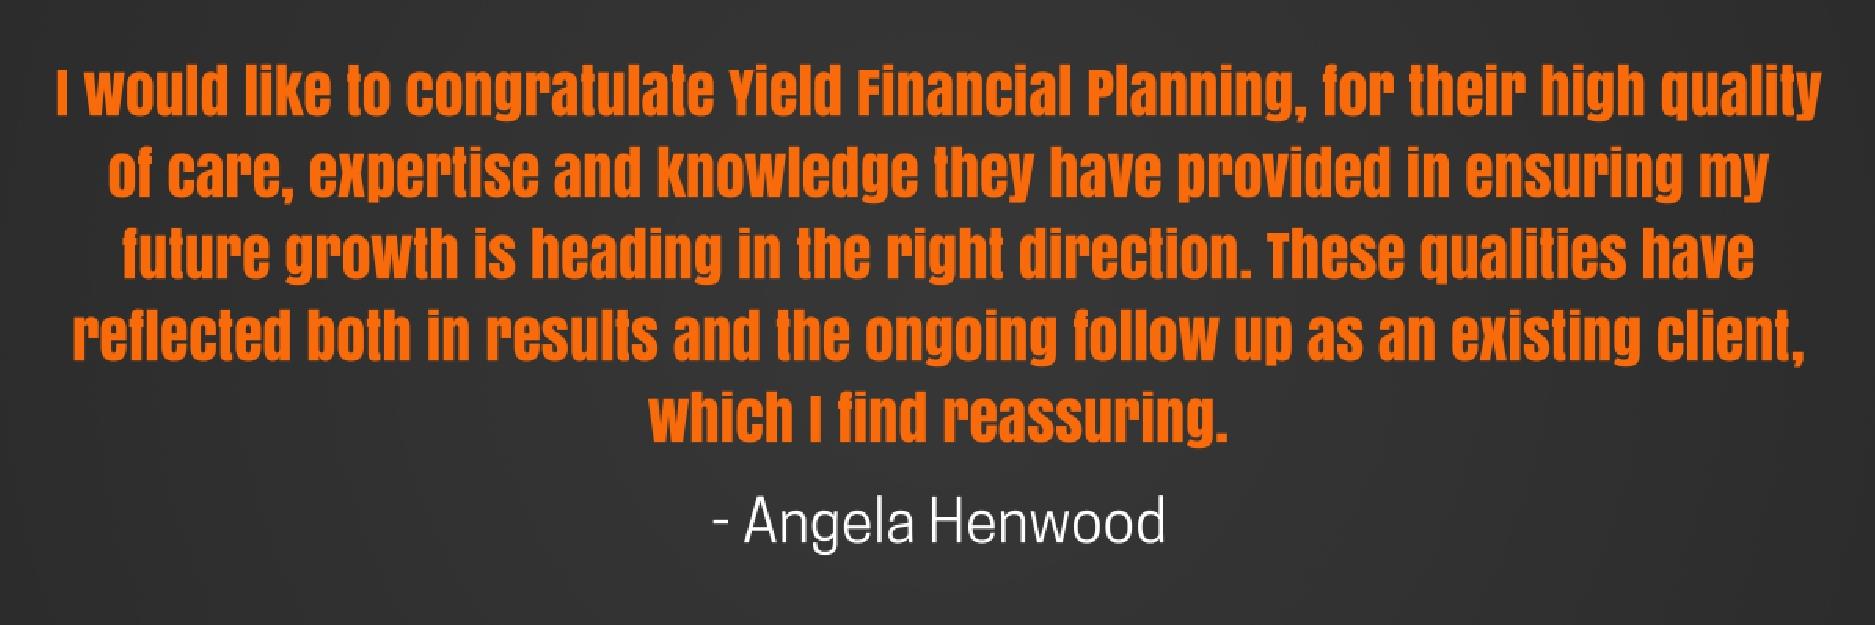 006a. Henwood, Angela.jpg